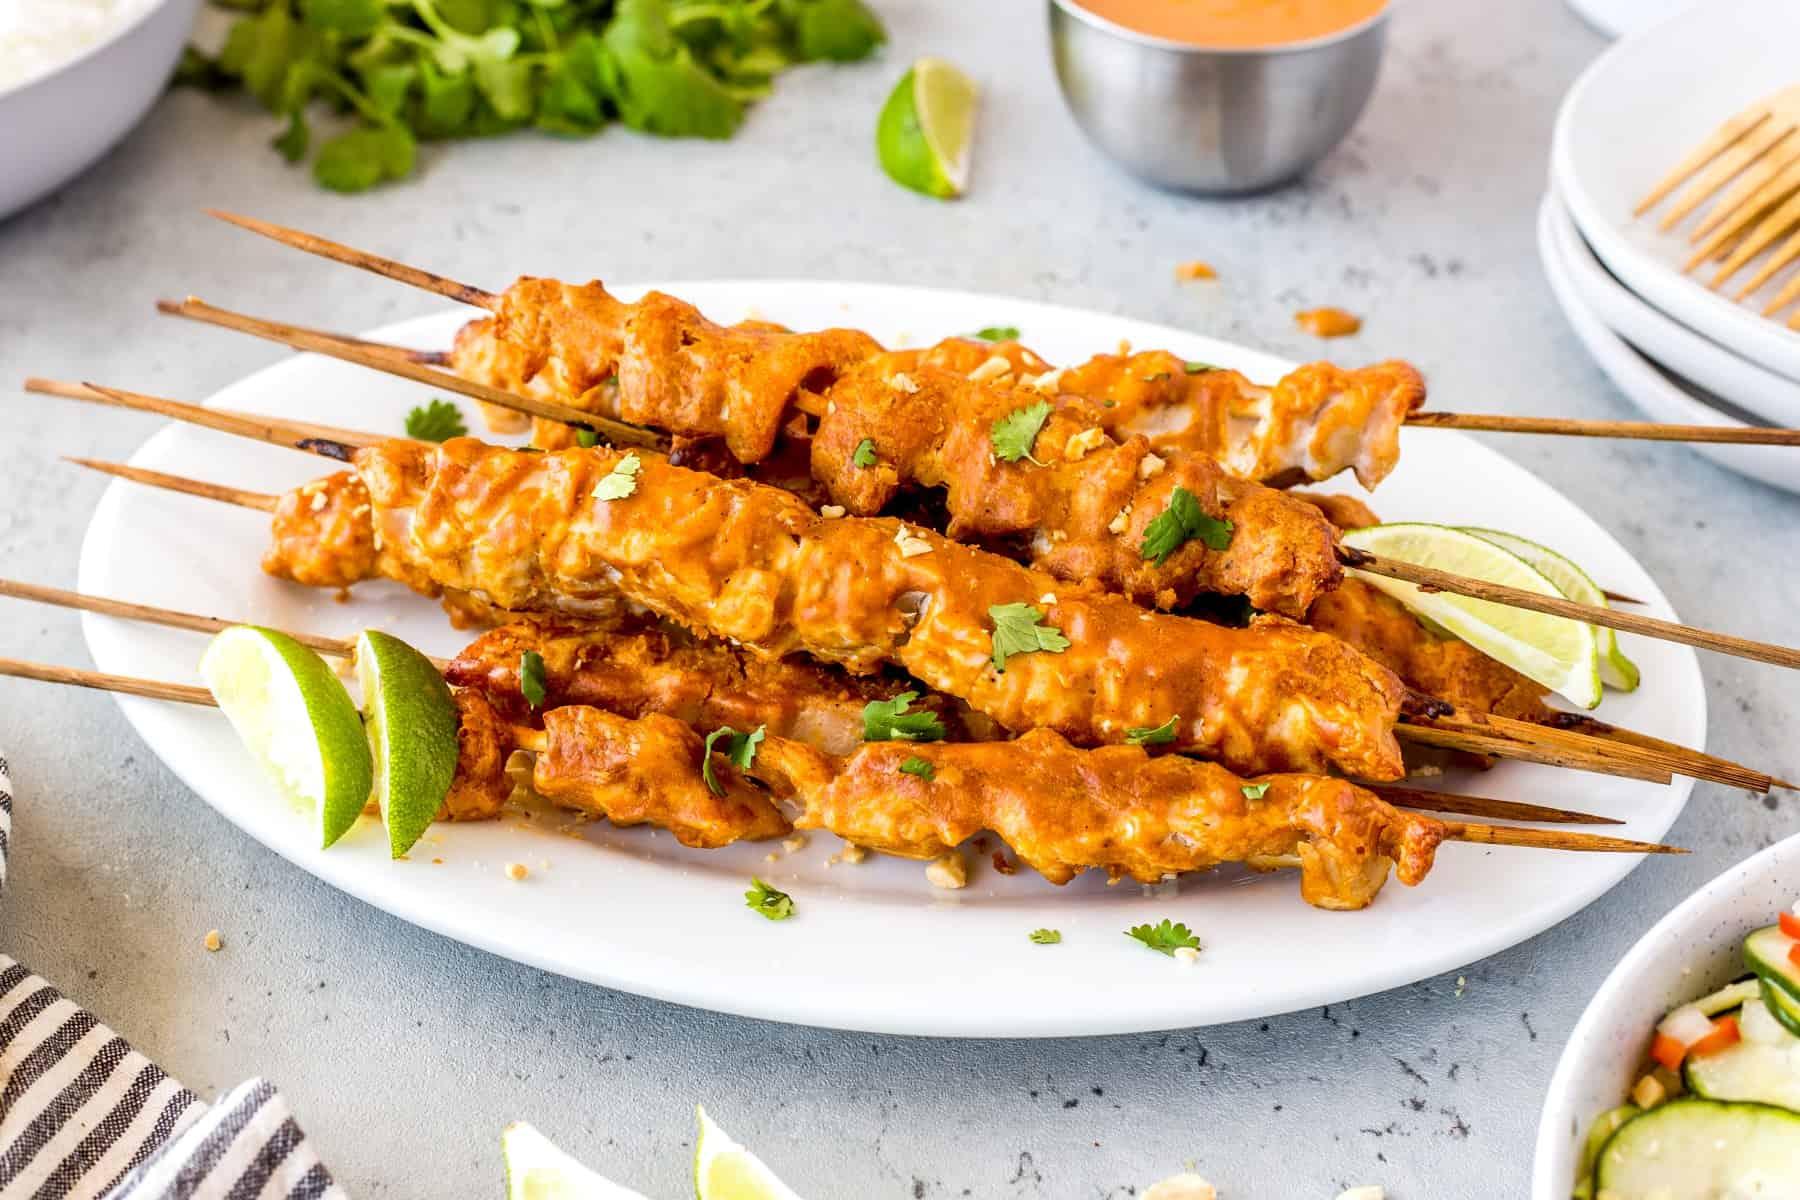 Chicken Satay on a platter